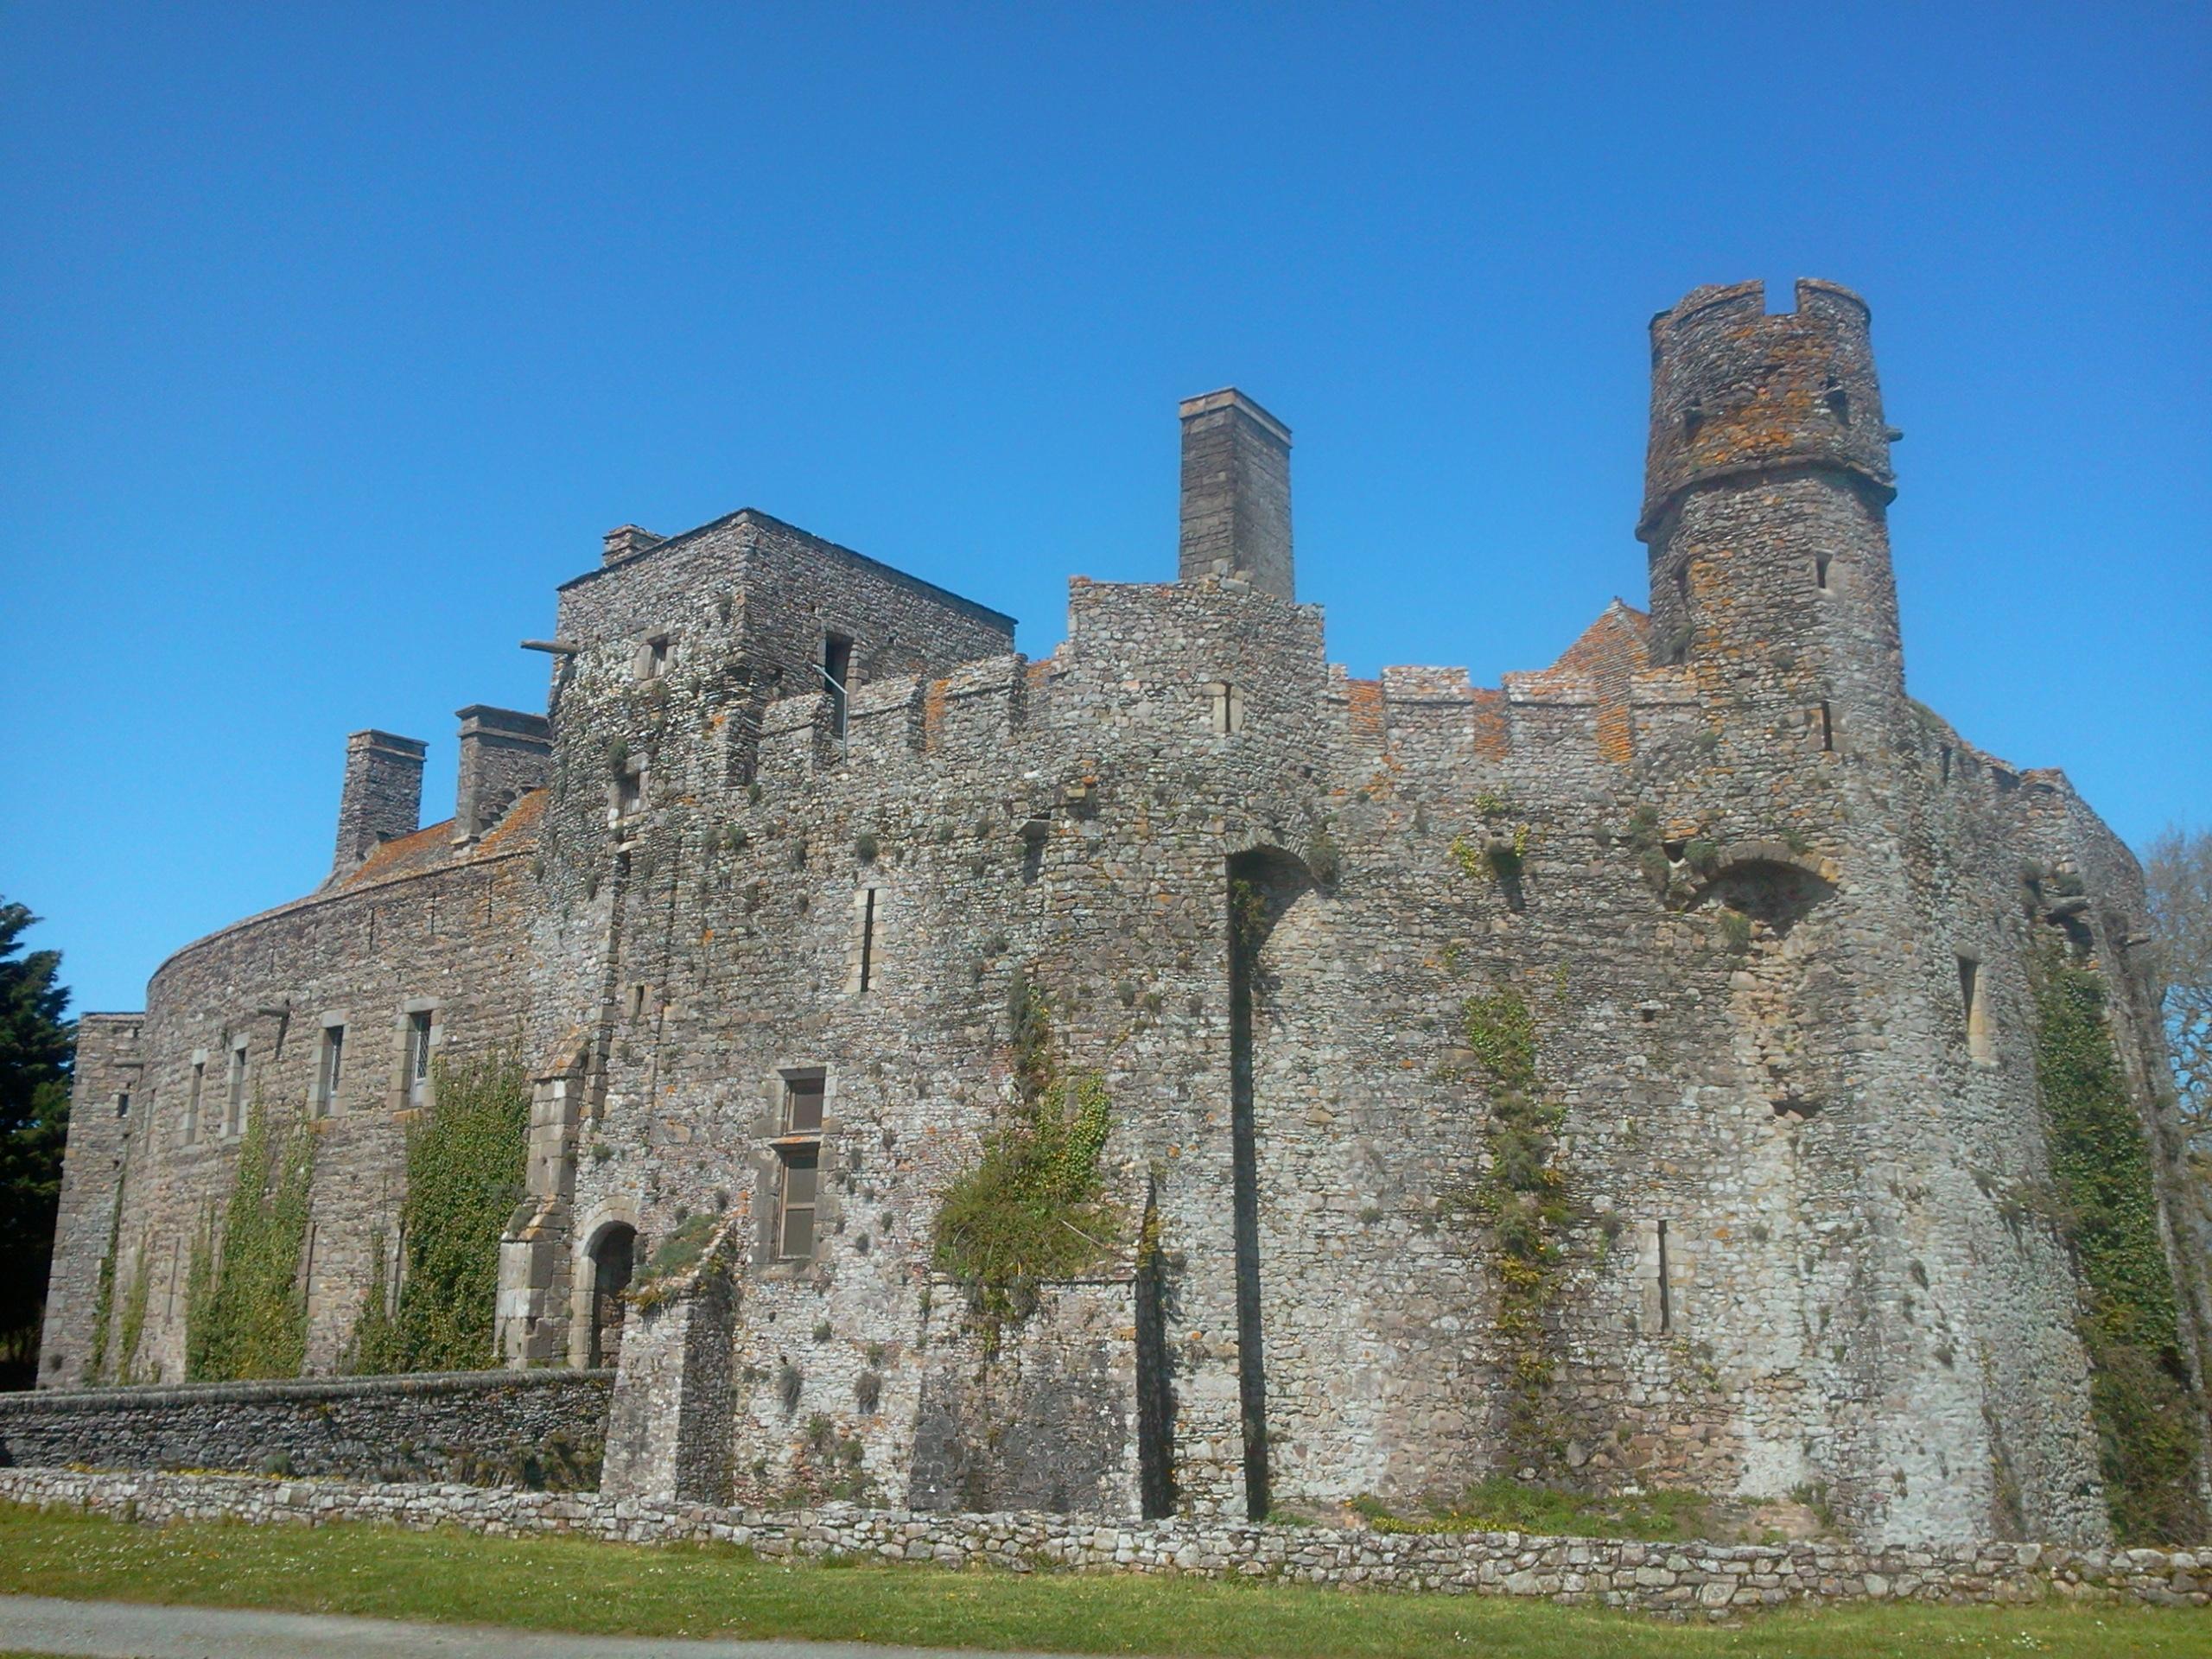 Chateau  Tours Restaur Ef Bf Bd Par Son Propri Ef Bf Bdtaire Dans L Indre